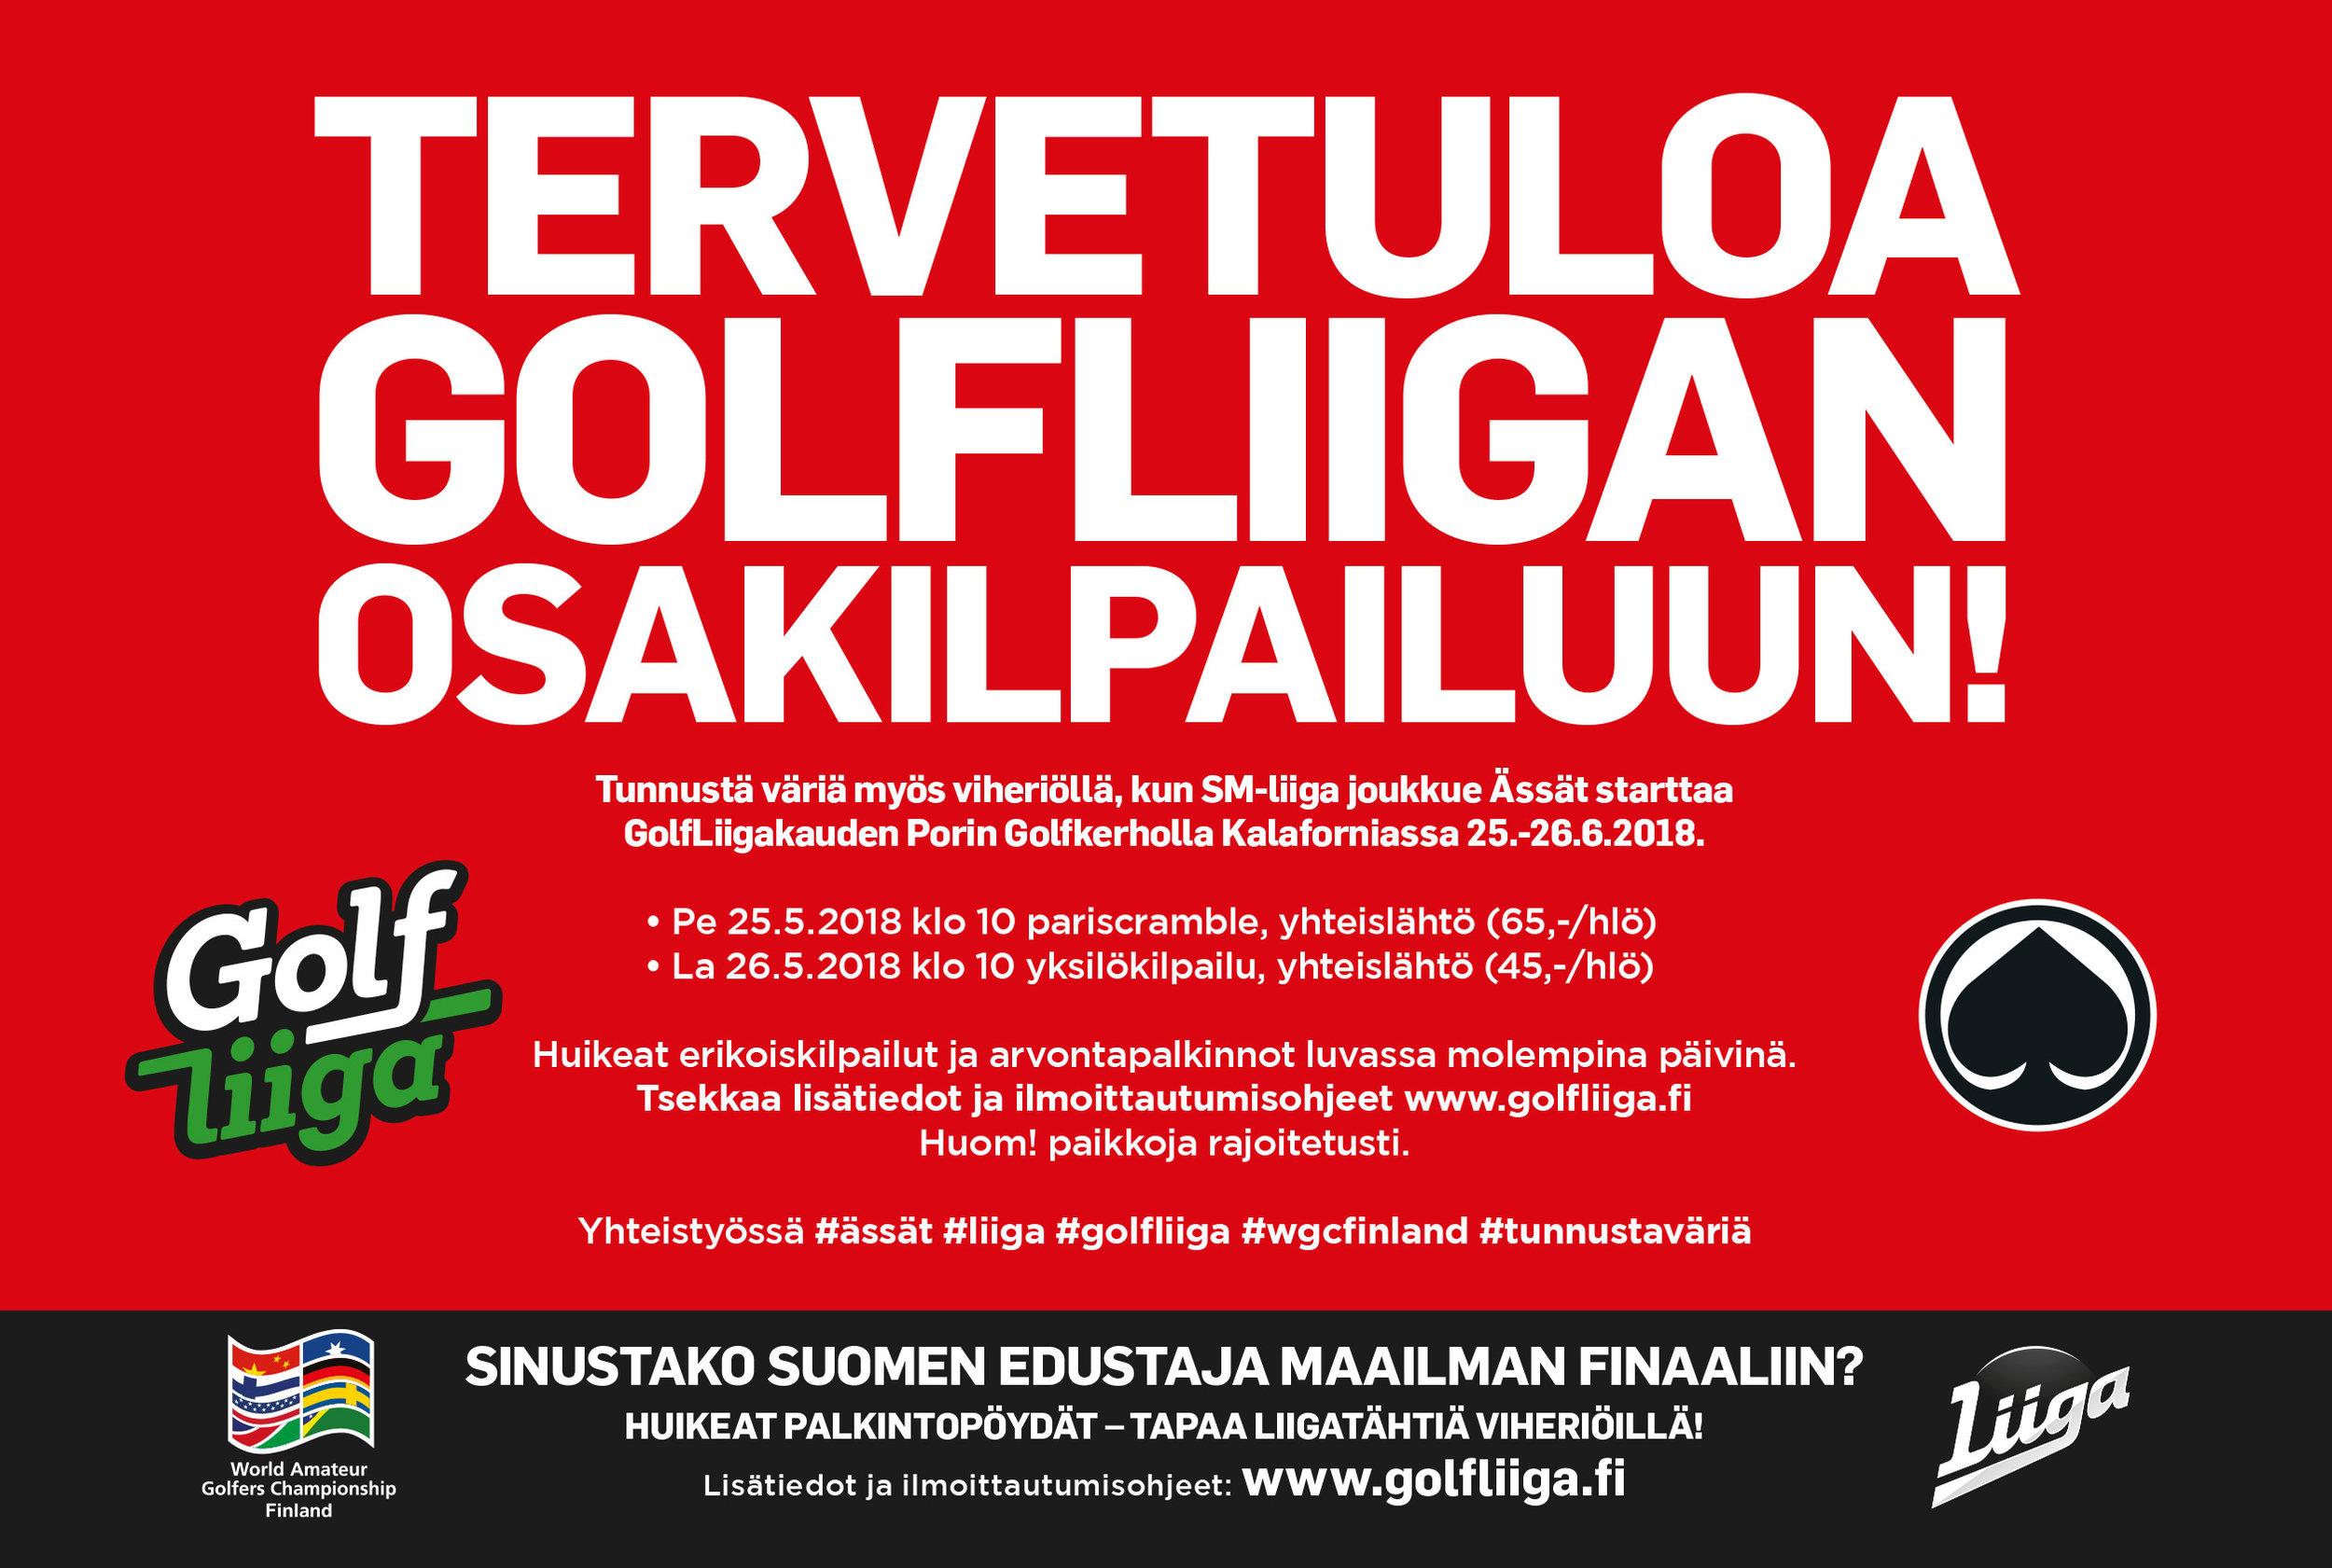 GolfLiiga_kutsut_assat.jpg